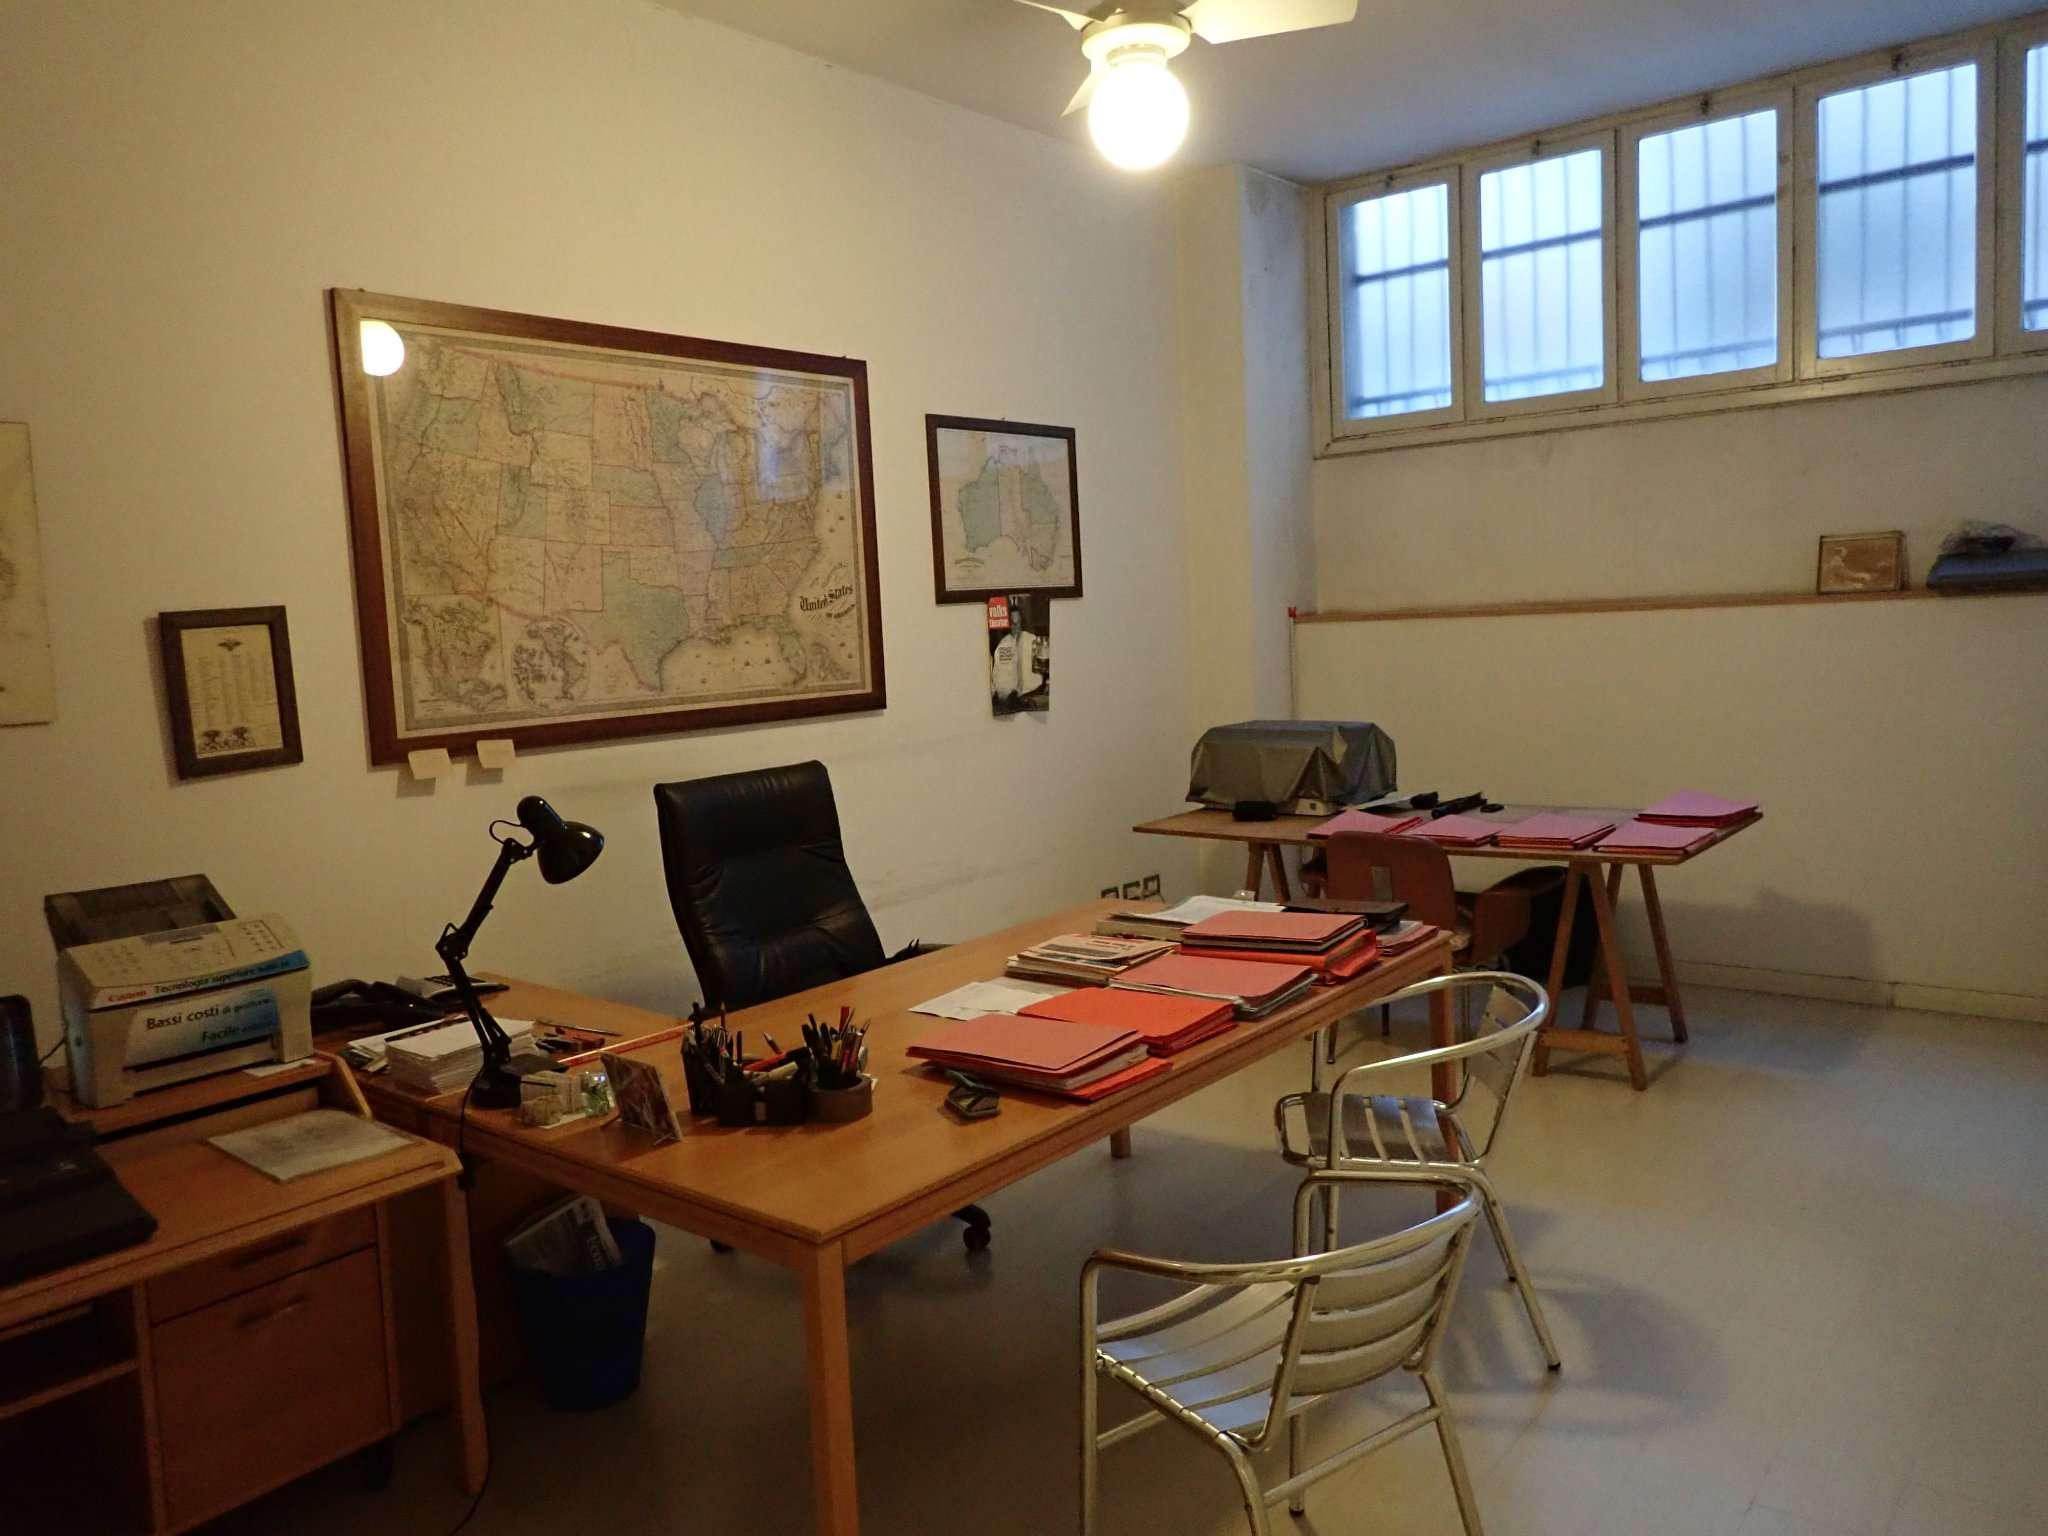 Ufficio-studio in Vendita a Milano 01 Centro storico (Cerchia dei Navigli): 1 locali, 40 mq